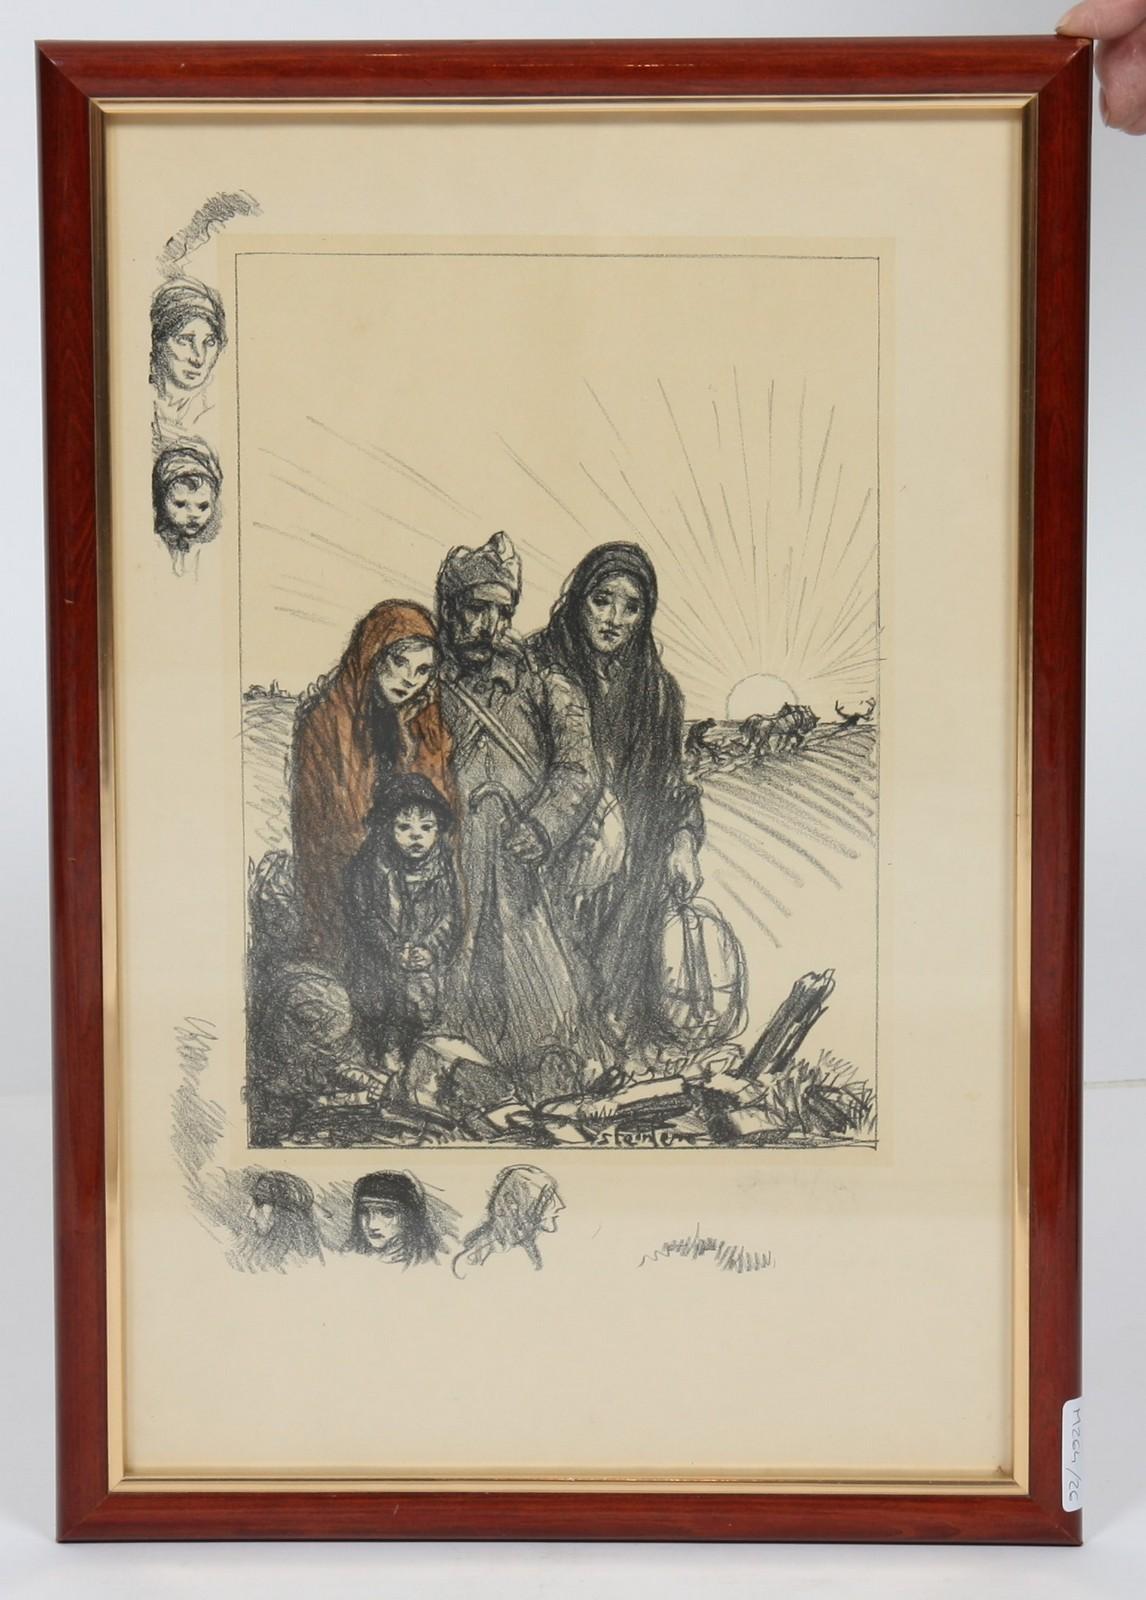 LITHOGRAPHIE DE STEINLEN En couleurs, encadrée, représentant un poilu et sa famille, dans un